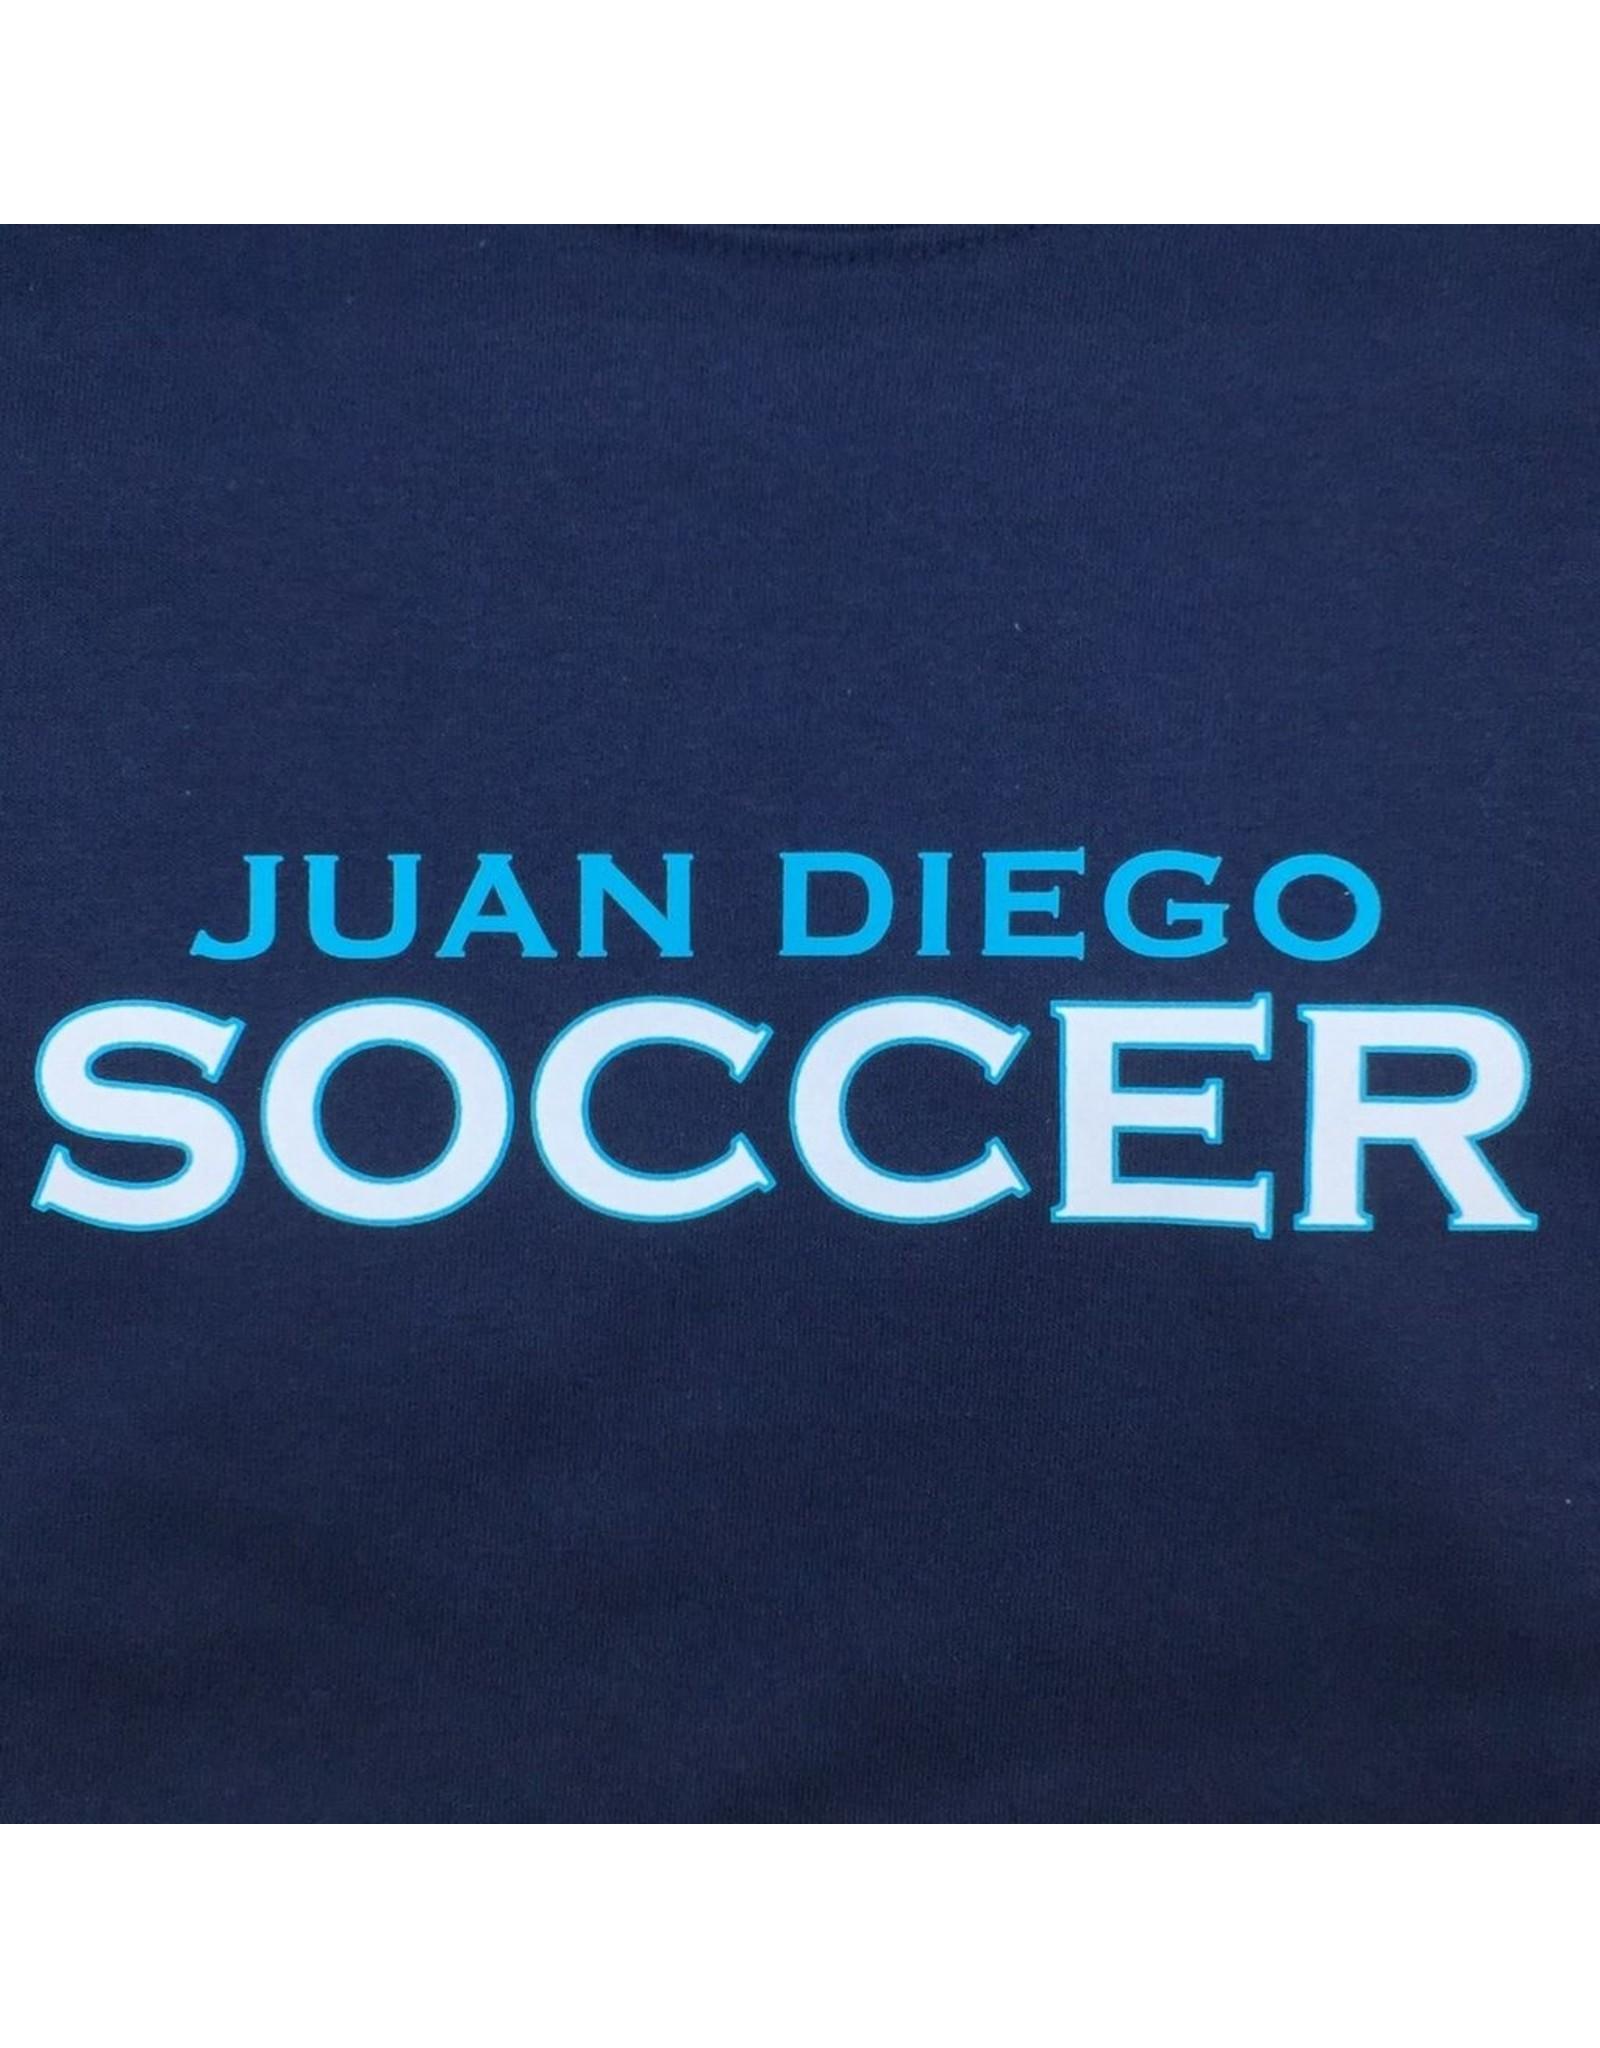 NON-UNIFORM Soccer, Juan Diego Soccer Custom Order Navy Unisex s/s t-shirt